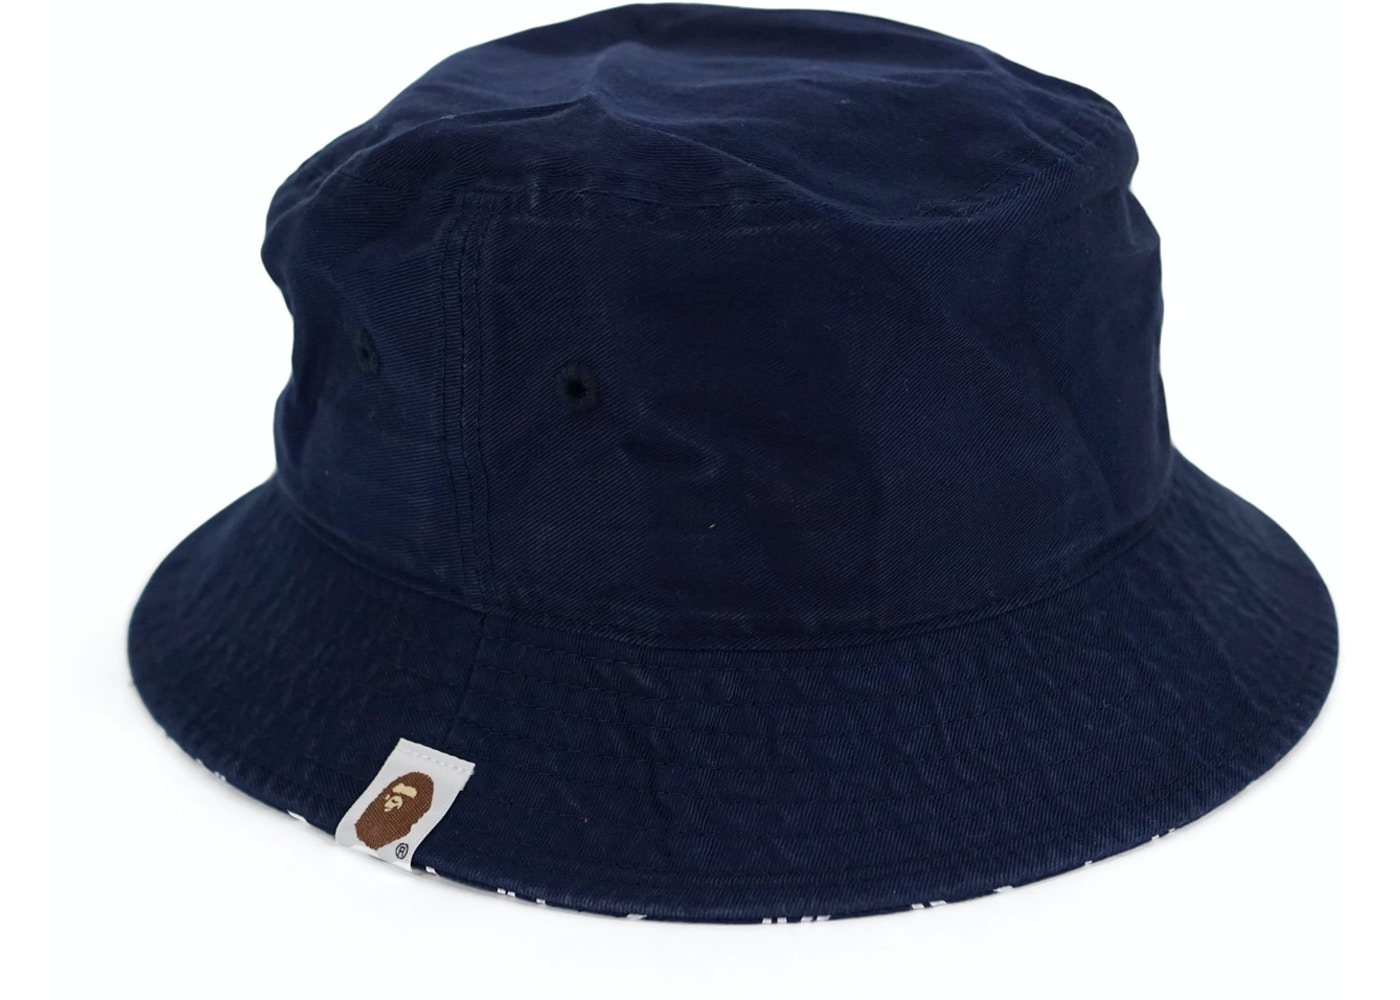 Streetwear - Bape Headwear - Most Popular 7076e1027ed5